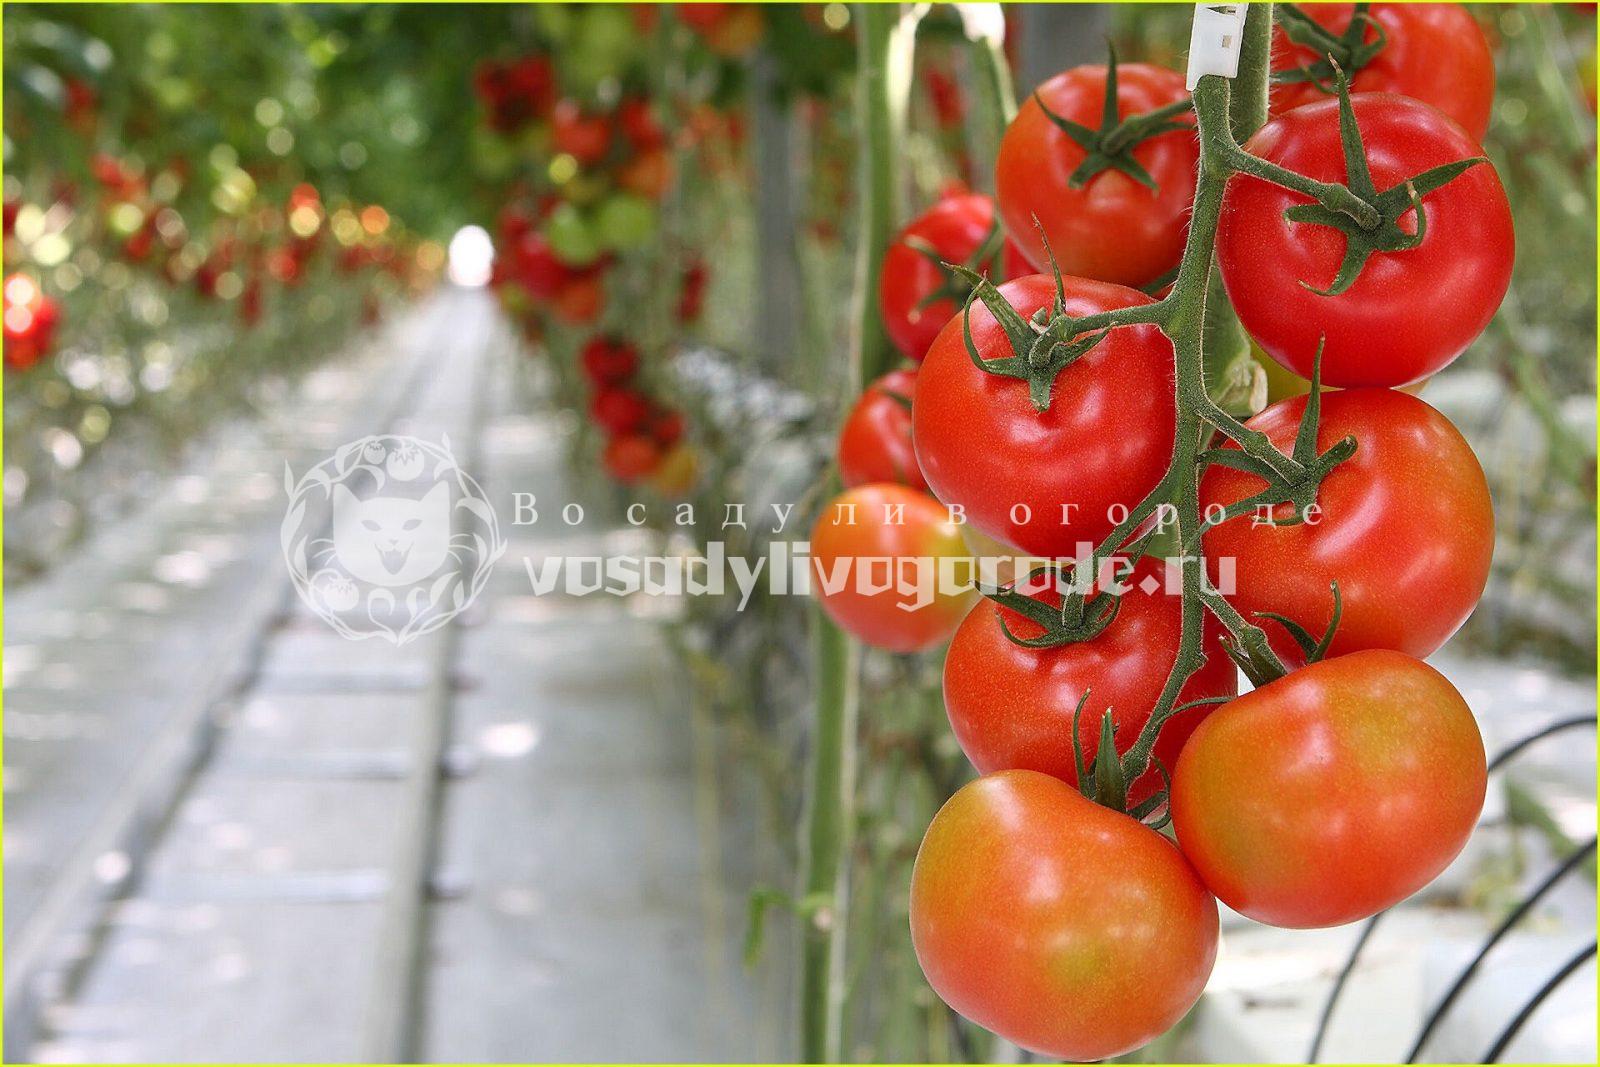 посадки, овощи,урожай, огород, томаты, огурцы